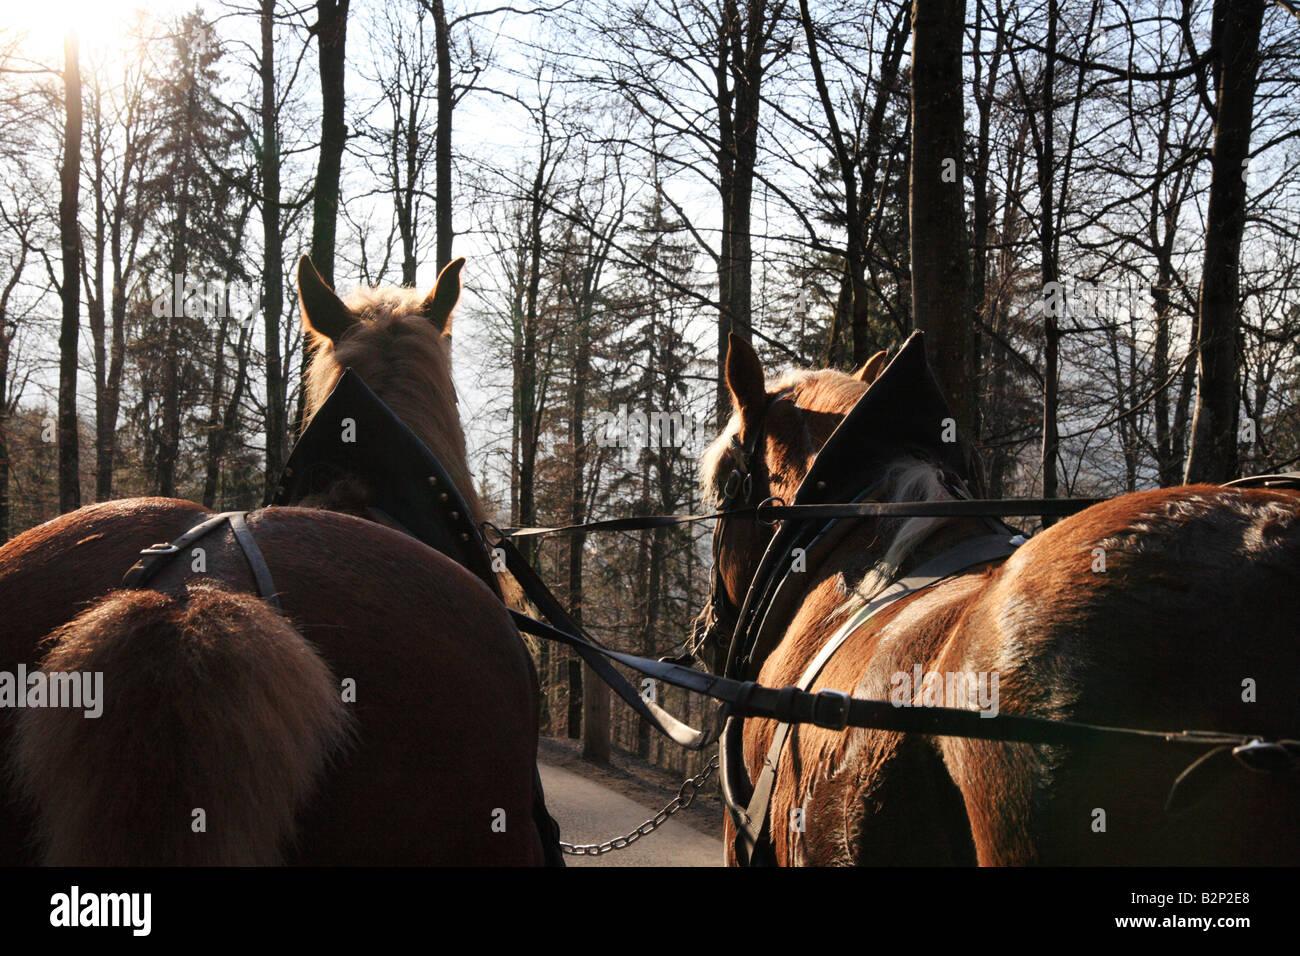 Pferdekutsche Schloss Neuschwanstein Stockfotos Und Bilder Kaufen Alamy